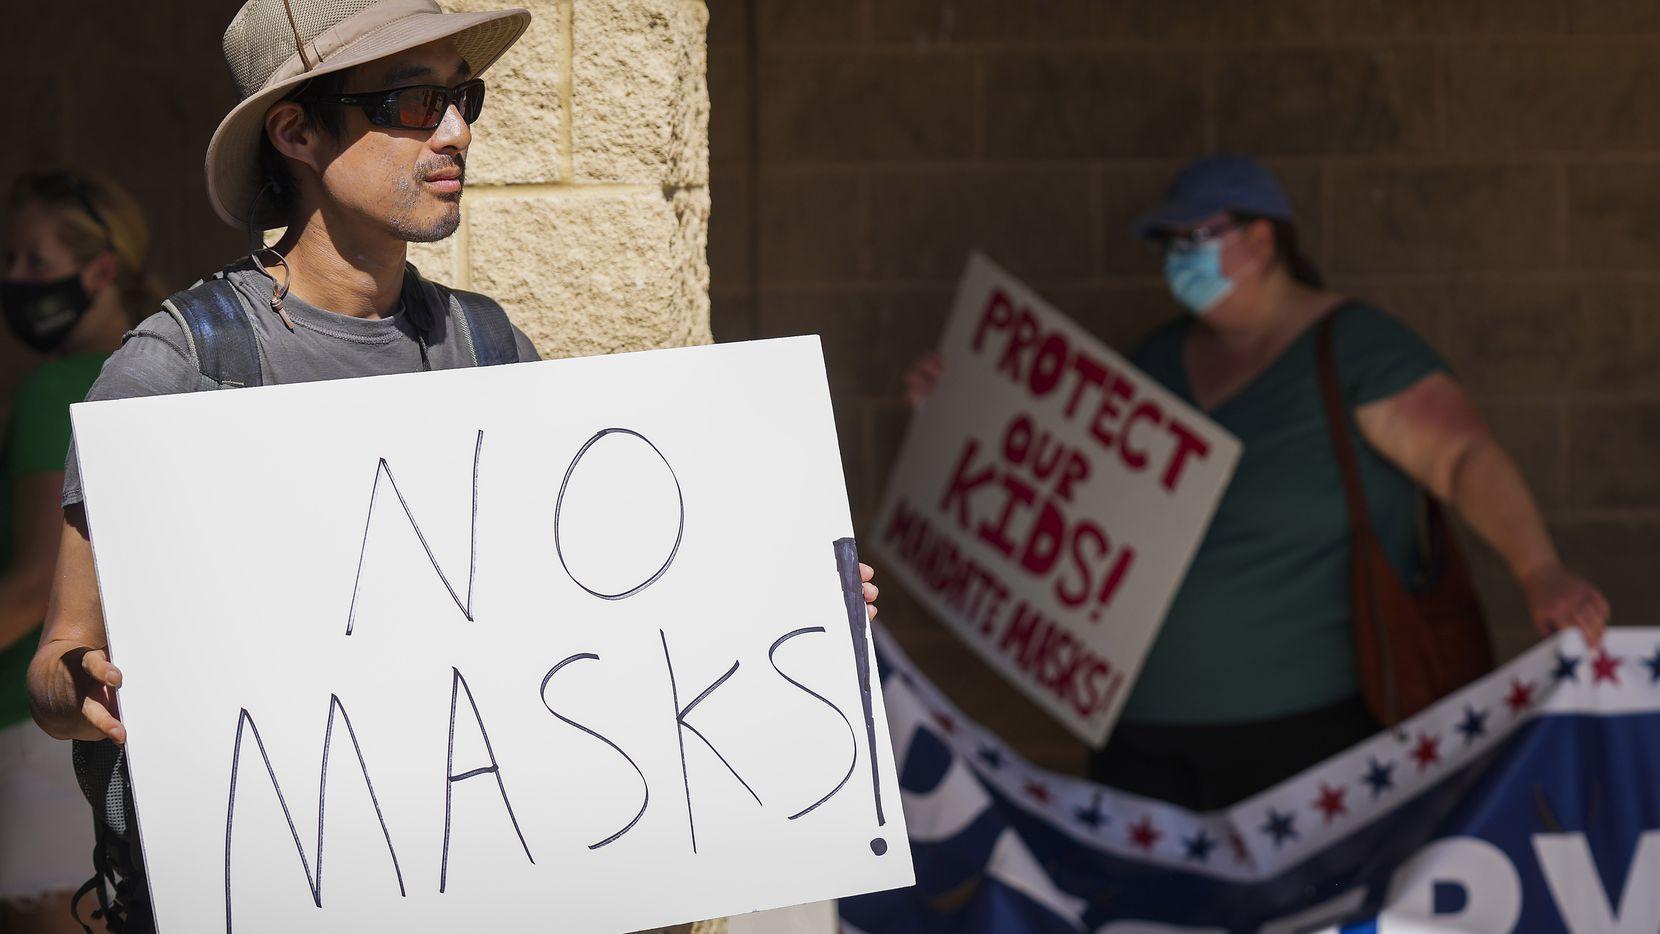 Varios padres de familia siguen rechazando el uso de mascarilla en escuelas de Texas. En la foto se ve una persona protestando por la exigencia de cubrebocas en las escuelas de Carroll ISD el 23 de agosto de 2021 en Southlake, Texas.